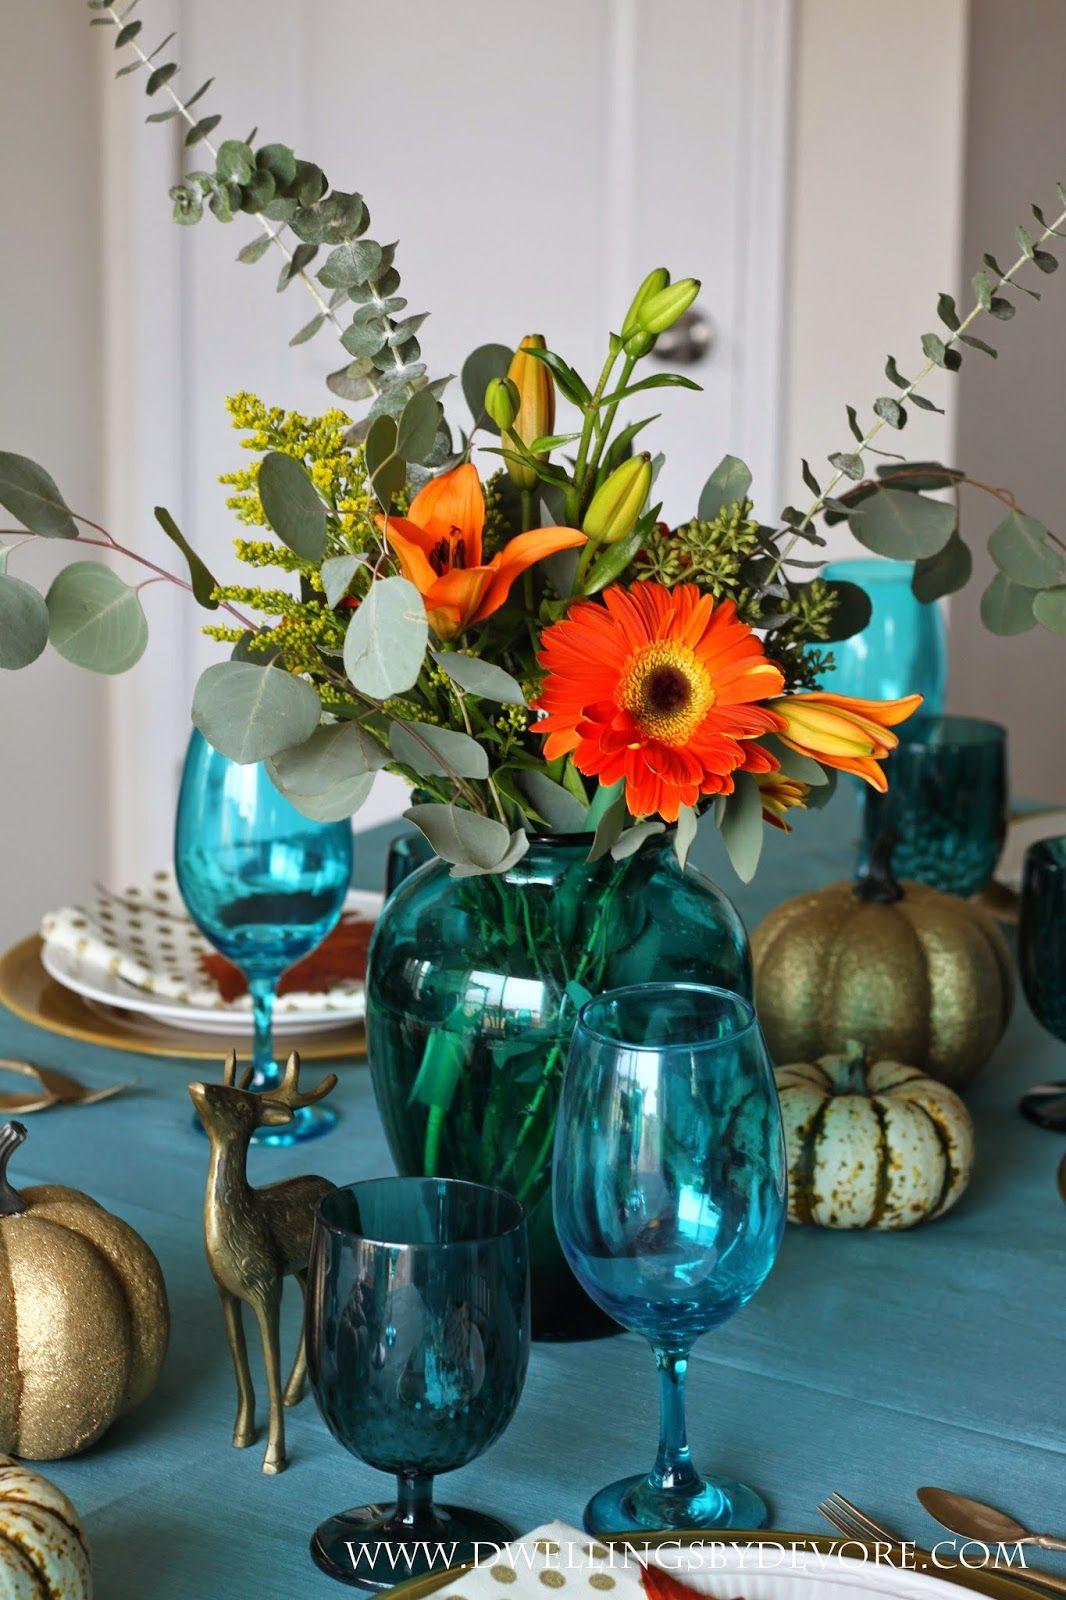 Bsht Thanksgiving Table Setting Thanksgiving Table Settings Fall Table Settings Table Settings Everyday